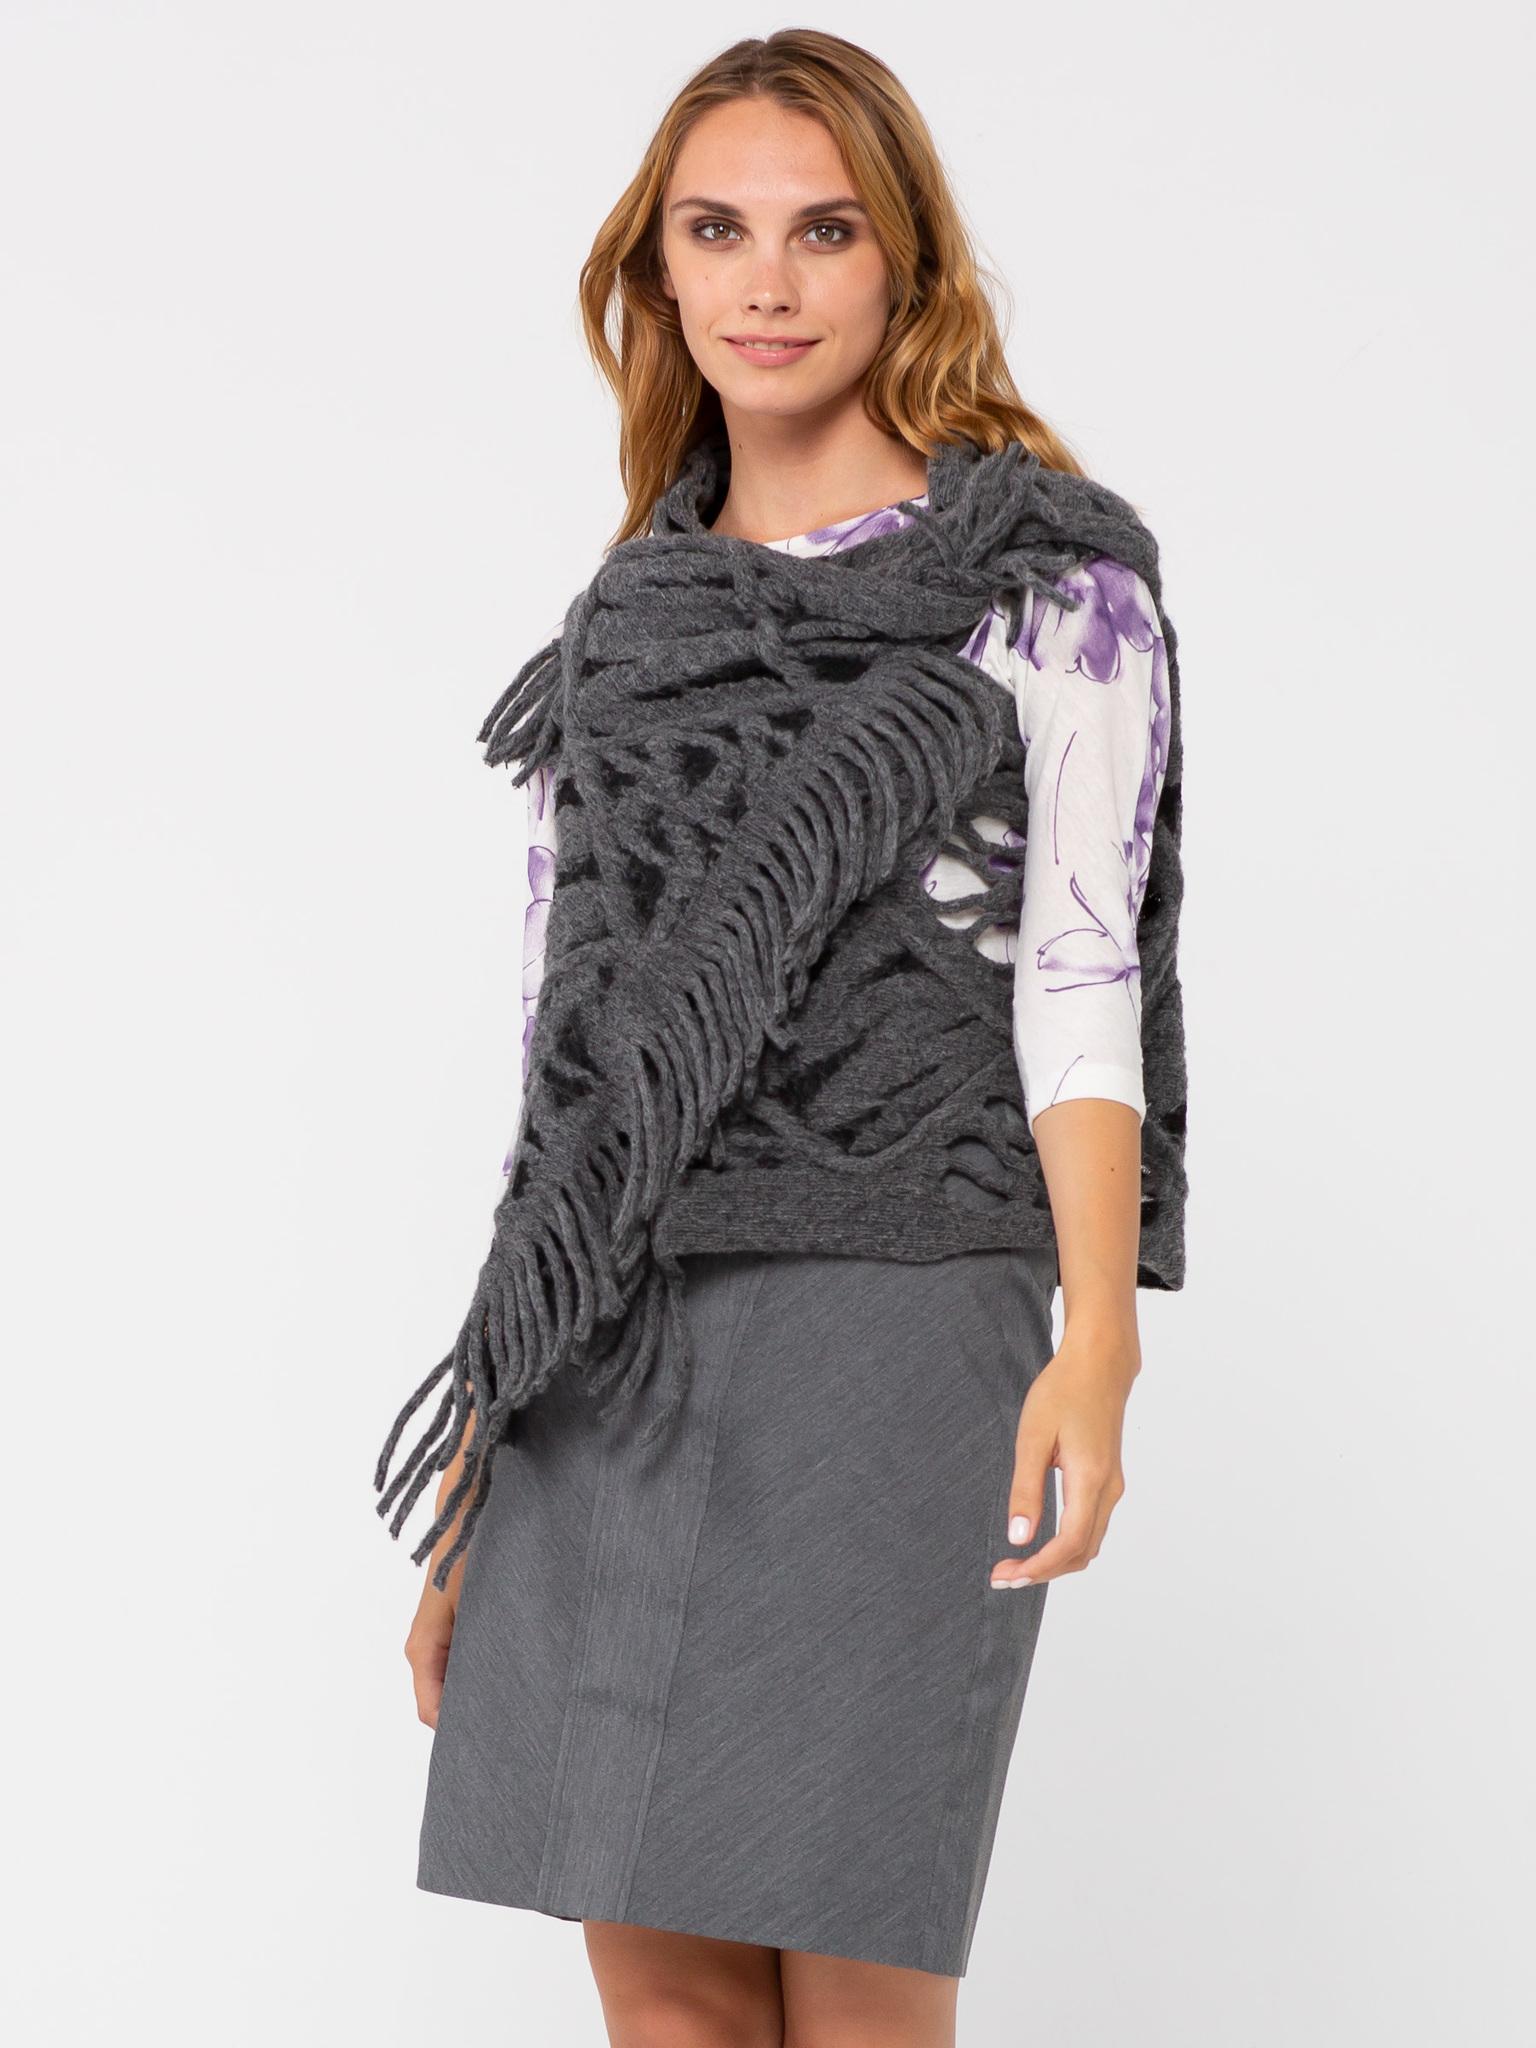 Жилет С044-621 - Изготовлен из фактурной ткани, имитирующей крупную вязку с отверстиями для рук. Универсальный жилет, предназначенный для ношения поверх платьев, блузок, джемперов, жакетов, и даже демисезонных пальто и курток. Универсальность жилета также заключается в том, что он подходит для женщин с 42-го по 48-ой размер, независимо от роста и типа фигуры. Жилет можно застегнуть на декоративную булавку или брошь, подпоясать ремнем\поясом. Также можно использовать завязки на концах жилета. Жилет можно использовать и как оригинальный шарф или снуд. Подобный аксессуар только украсит ваш образ.